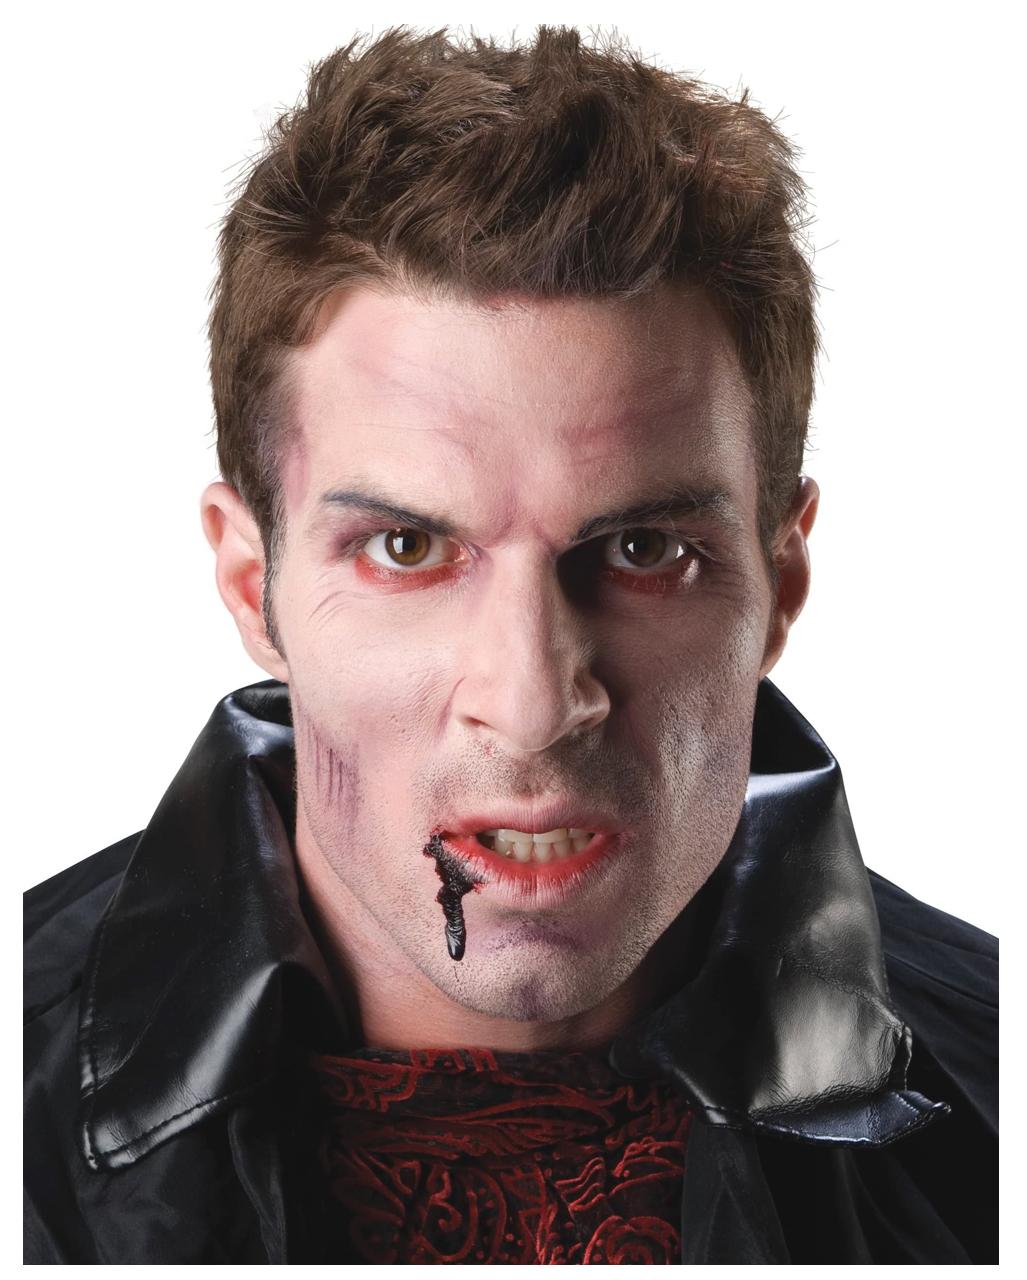 vampire makeup make up stack dracula liner as theater make up horror. Black Bedroom Furniture Sets. Home Design Ideas